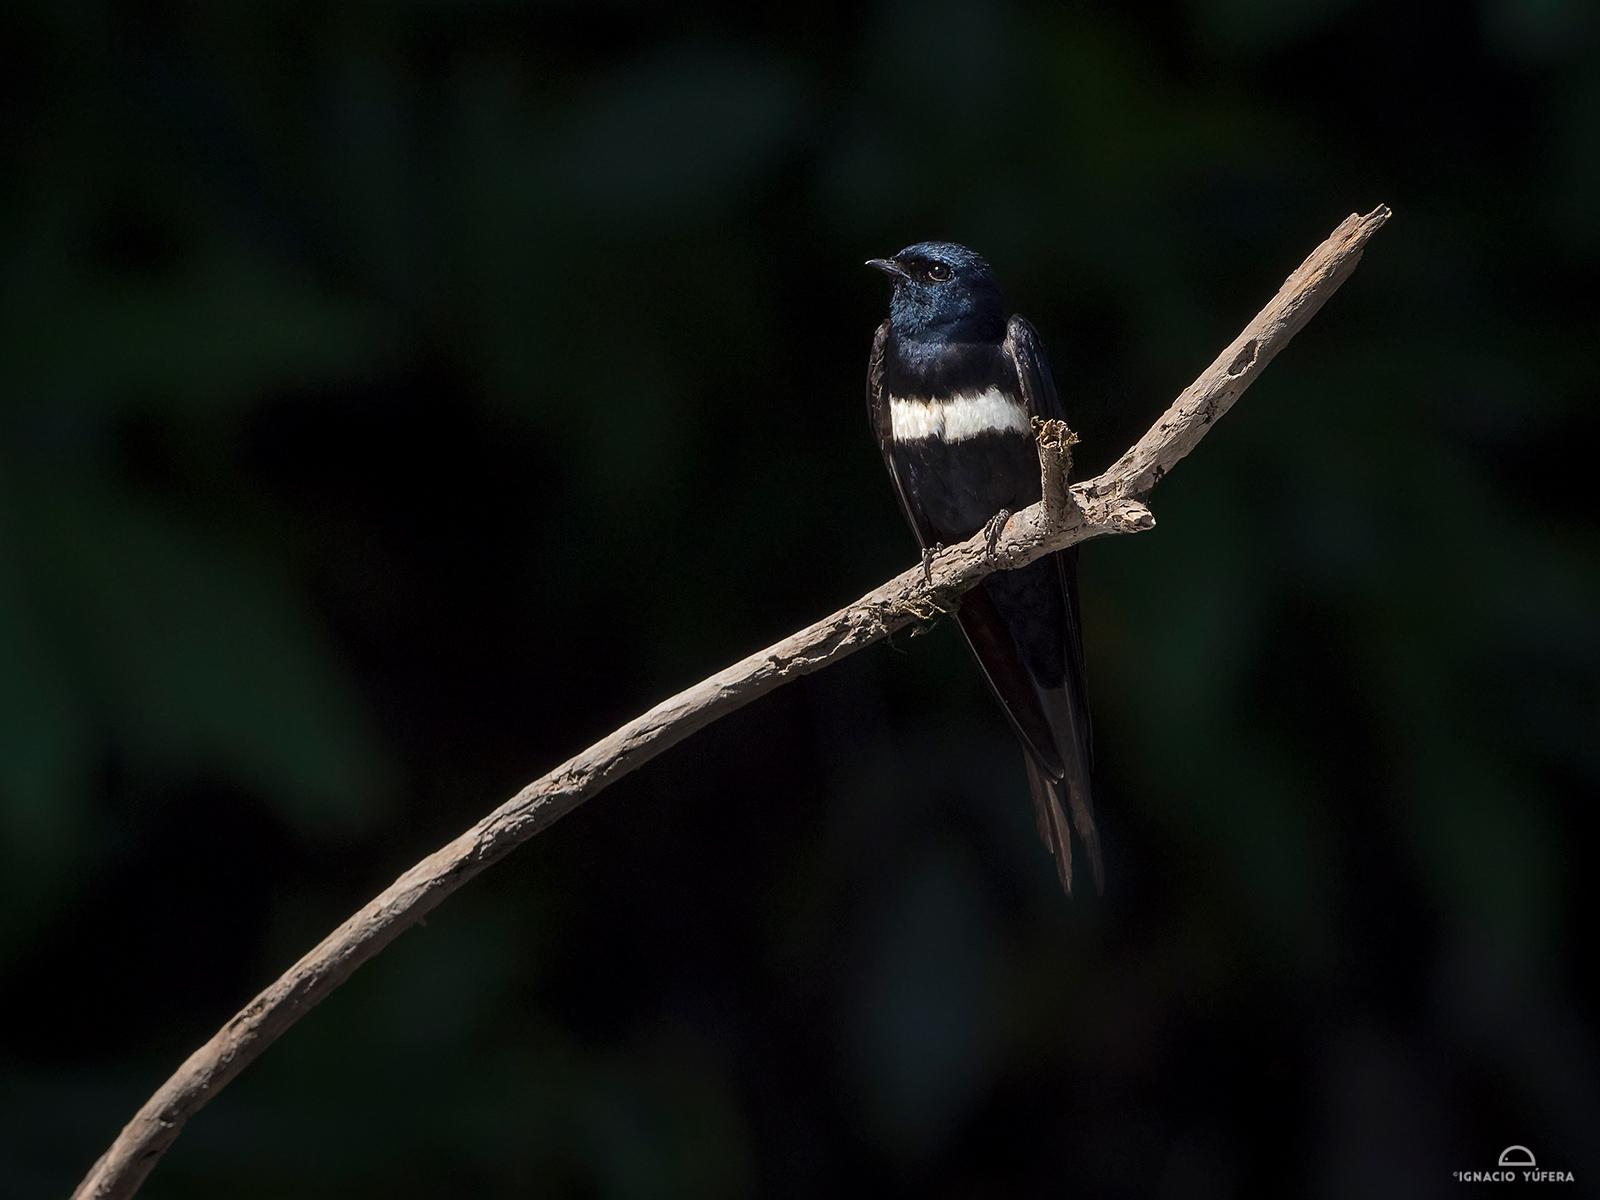 White-banded Swallow (Atticora fasciata)